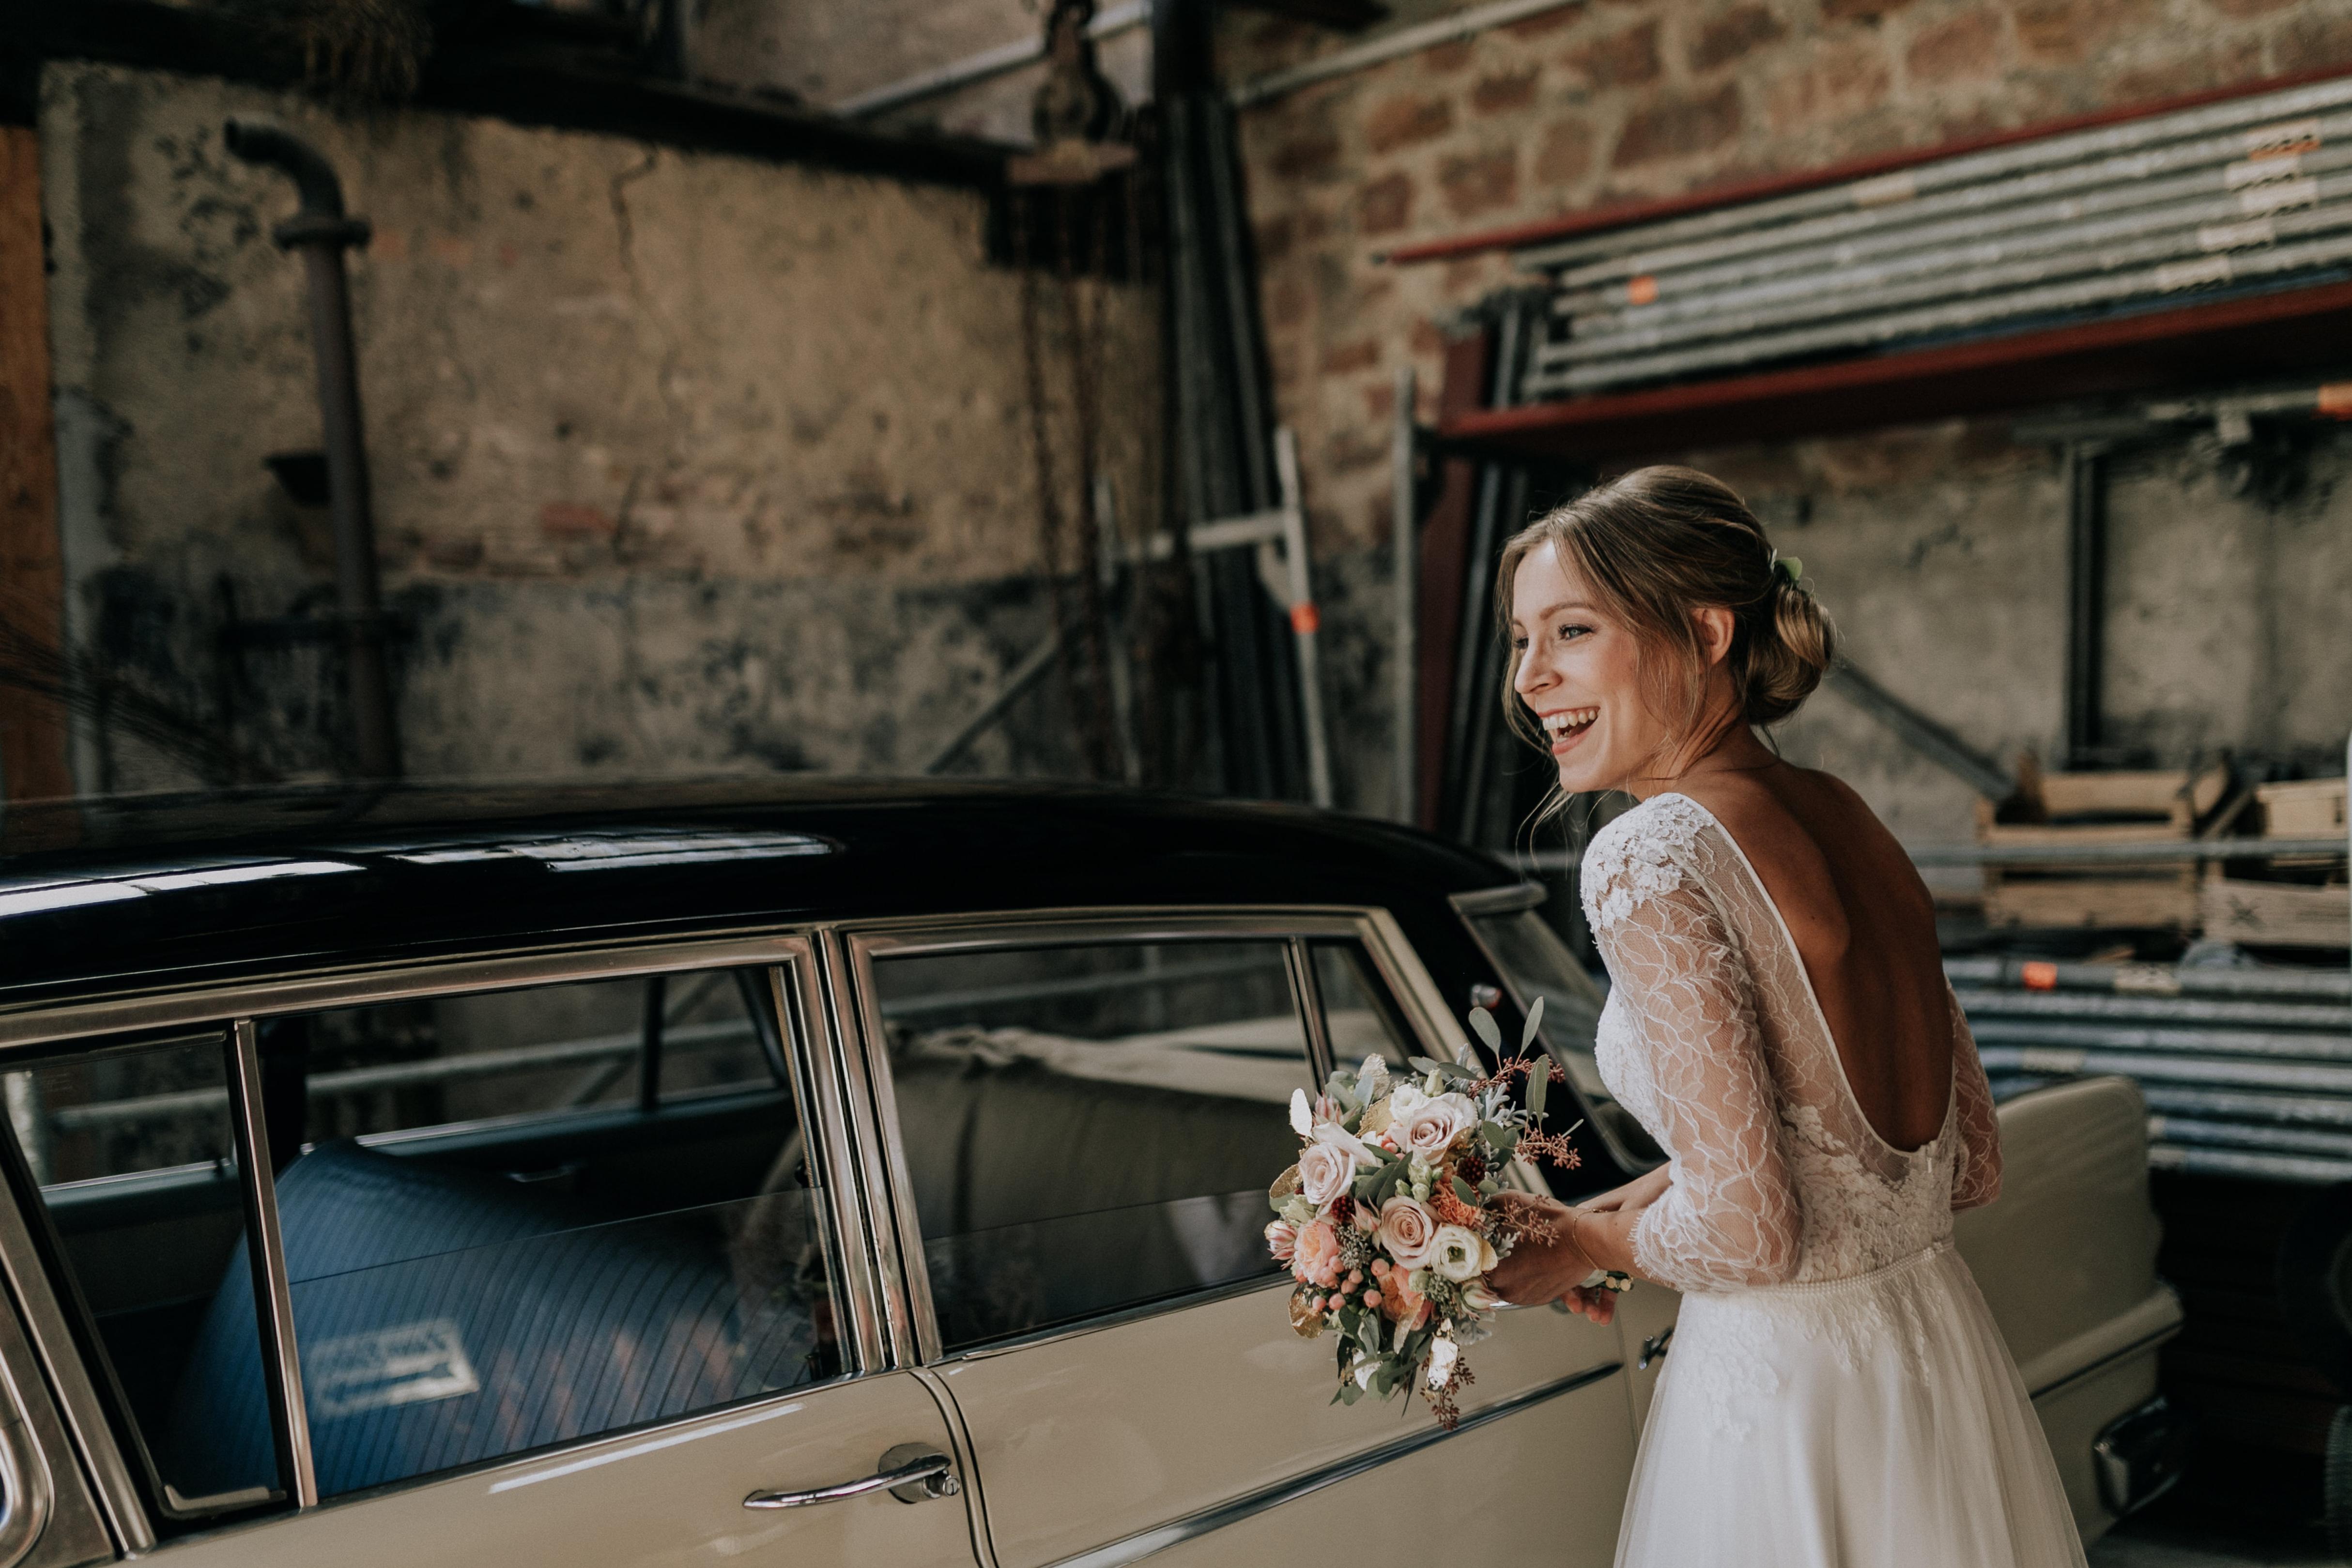 Brautkleid Anprobe: Die Sache mit dem Traumkleid - Sariety